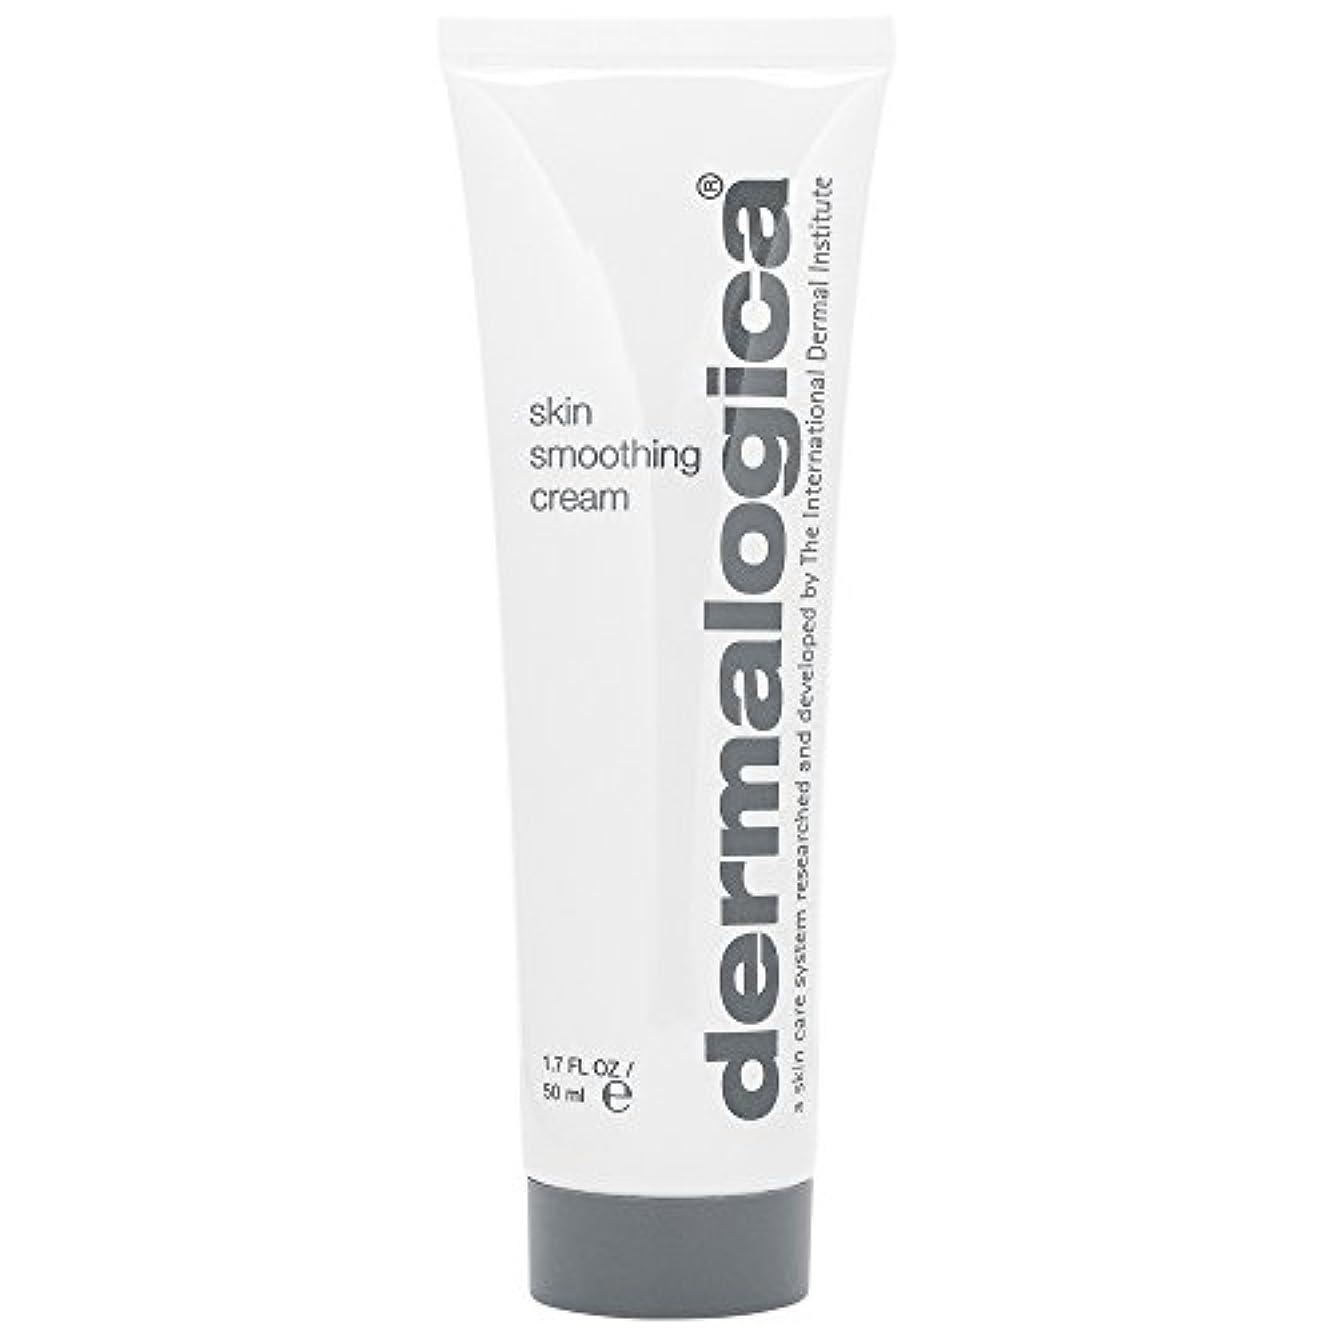 研究所ヒント固執ダーマロジカスキンスムージングクリーム50ミリリットル (Dermalogica) (x6) - Dermalogica Skin Smoothing Cream 50ml (Pack of 6) [並行輸入品]